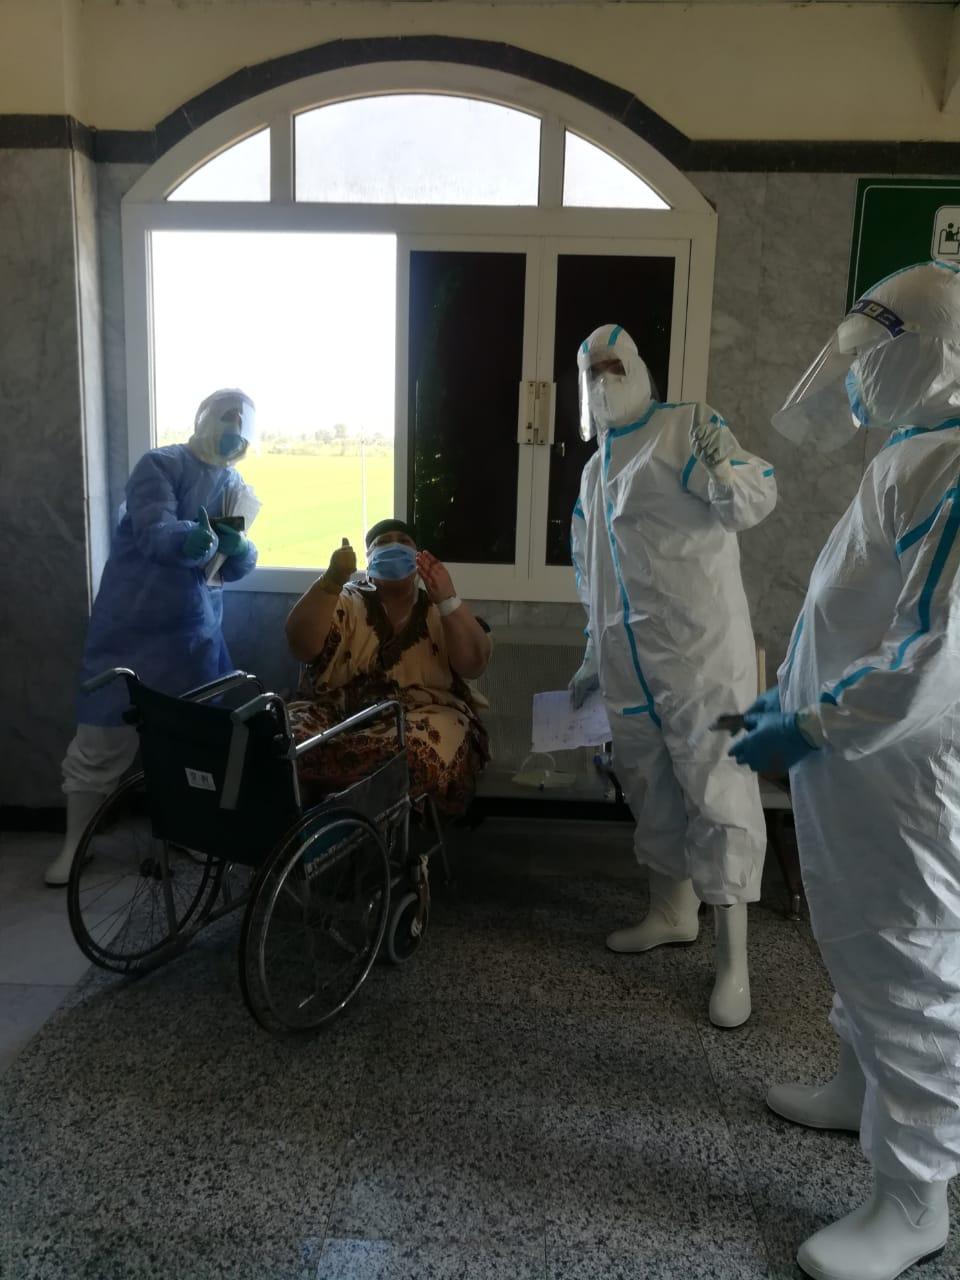 مستشفى الحجر الصحي بتمى الأمديد (1)